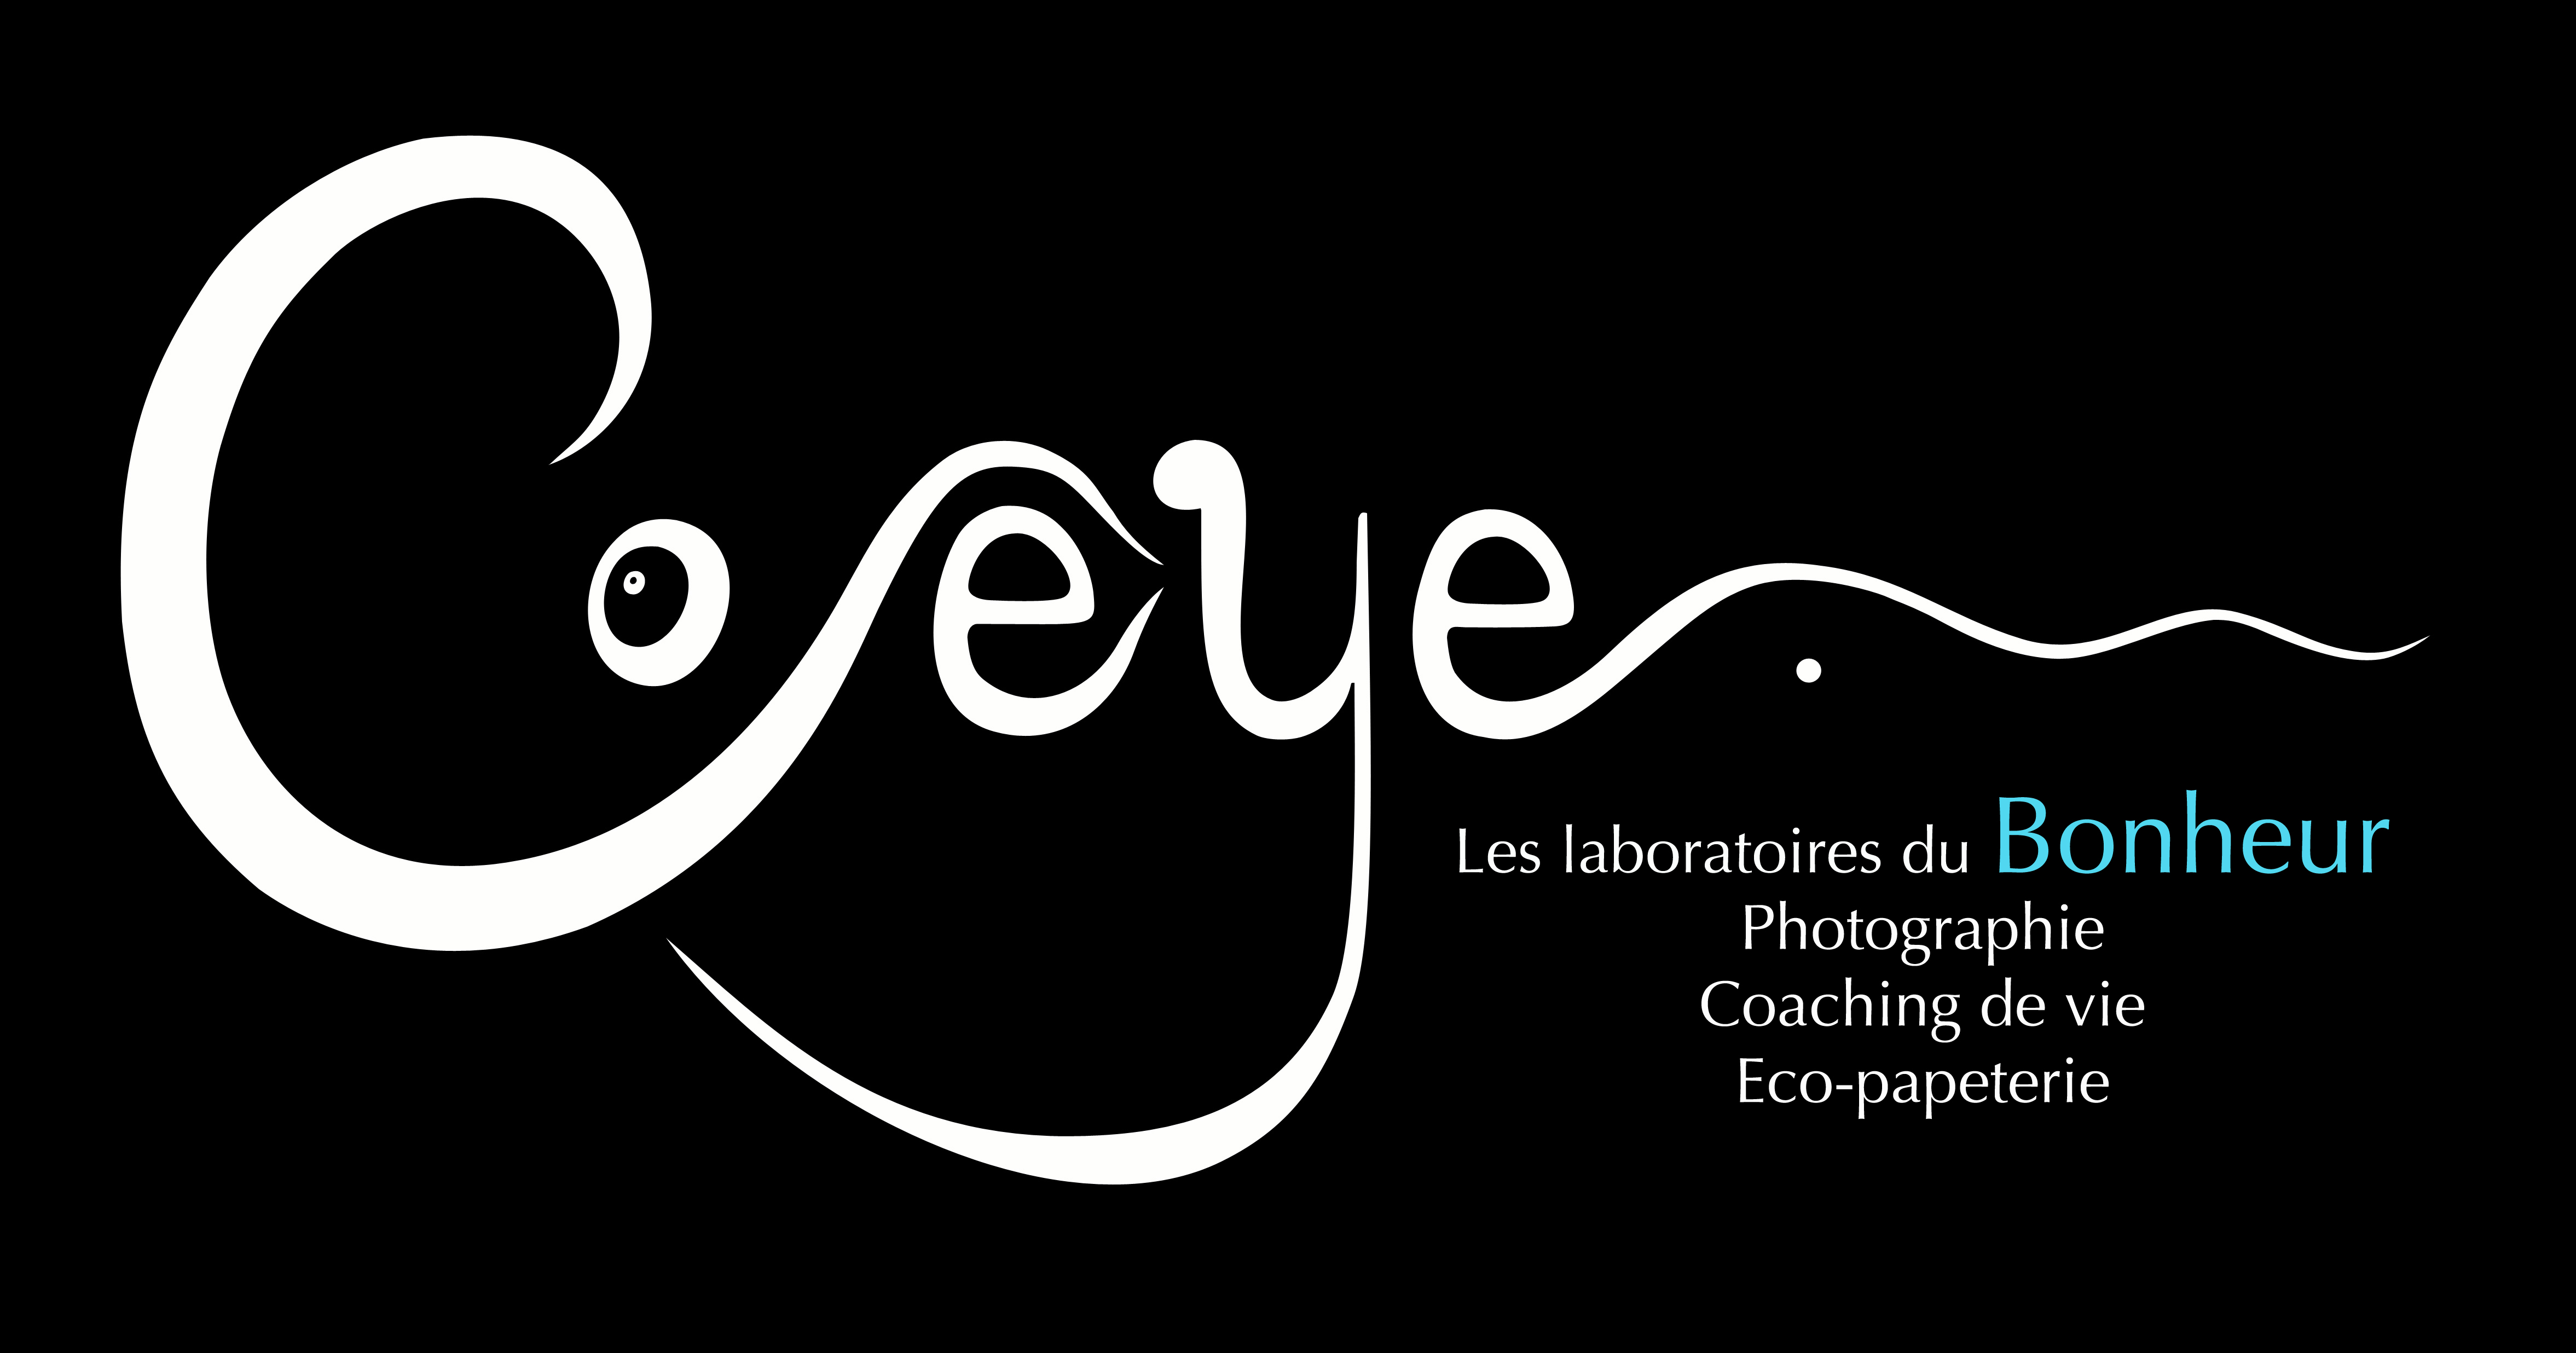 Logo Coeye Labos du bonheur